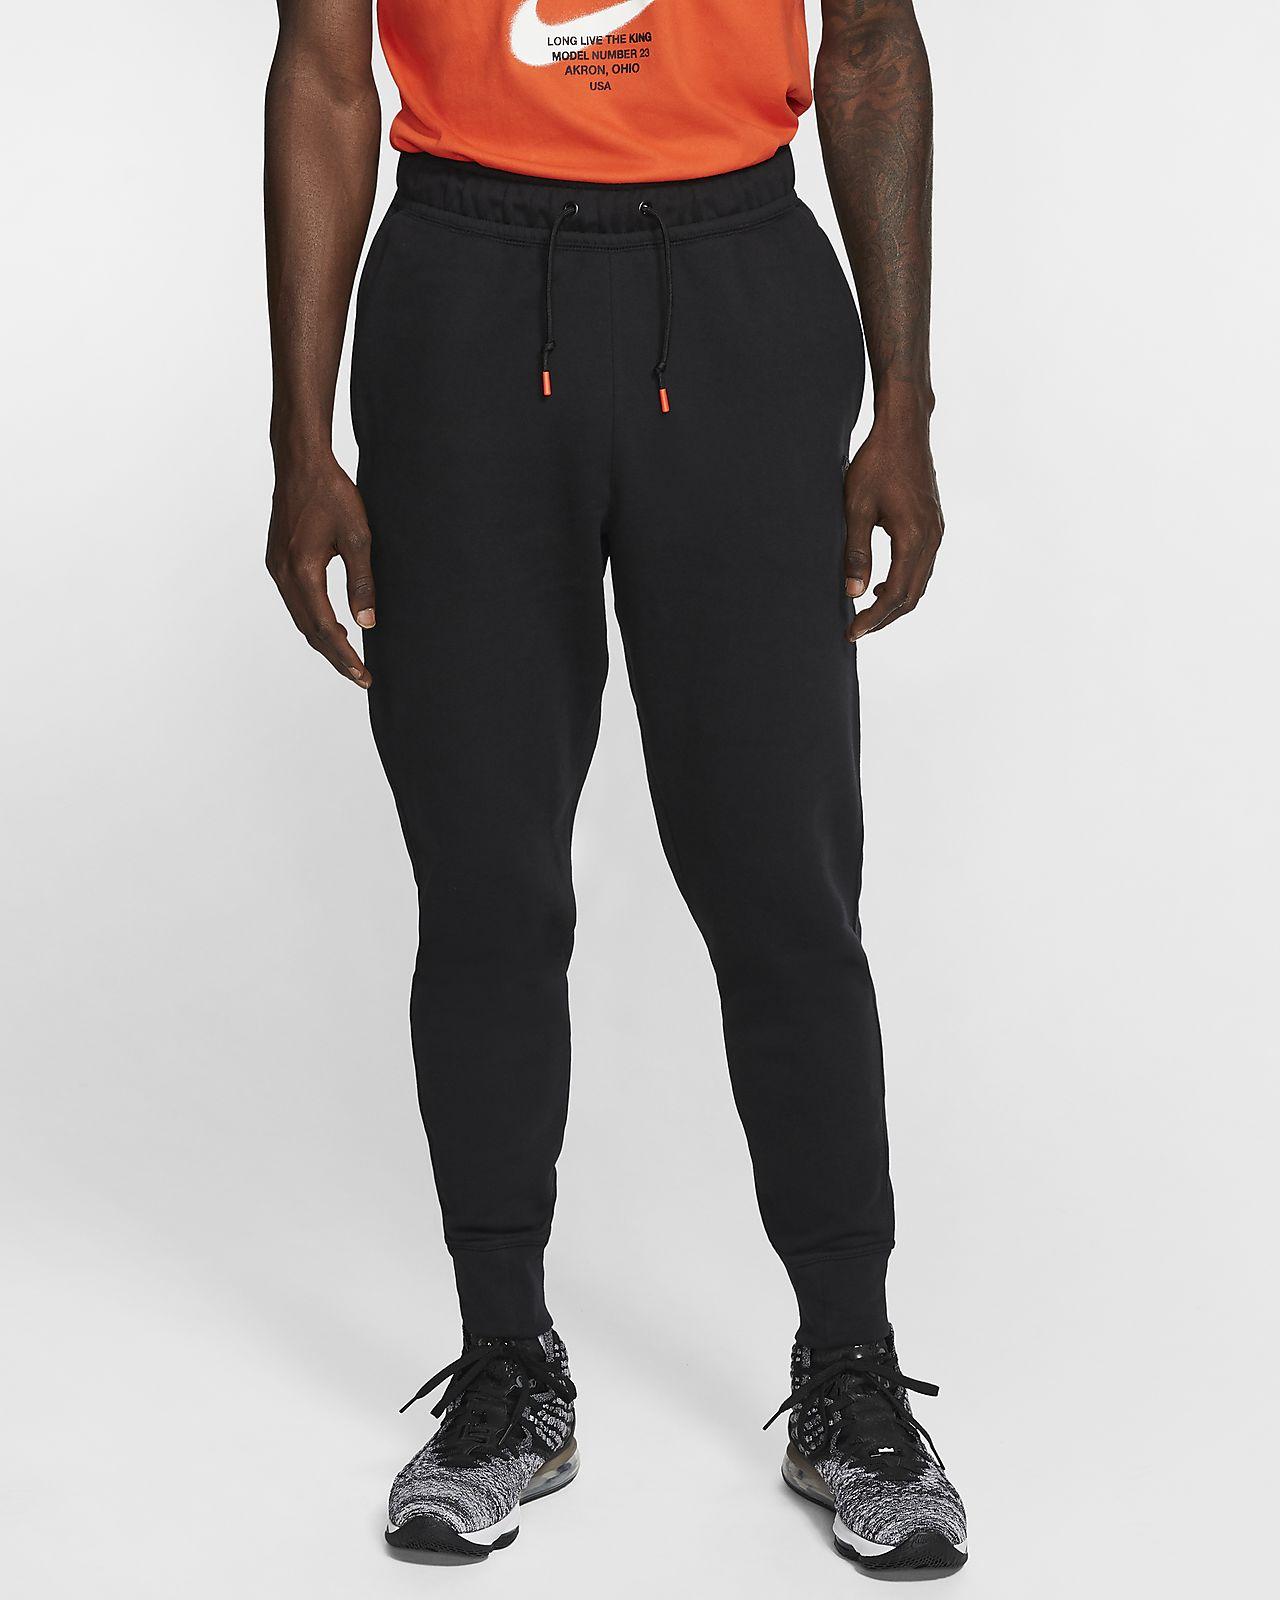 Ανδρικό παντελόνι μπάσκετ LeBron